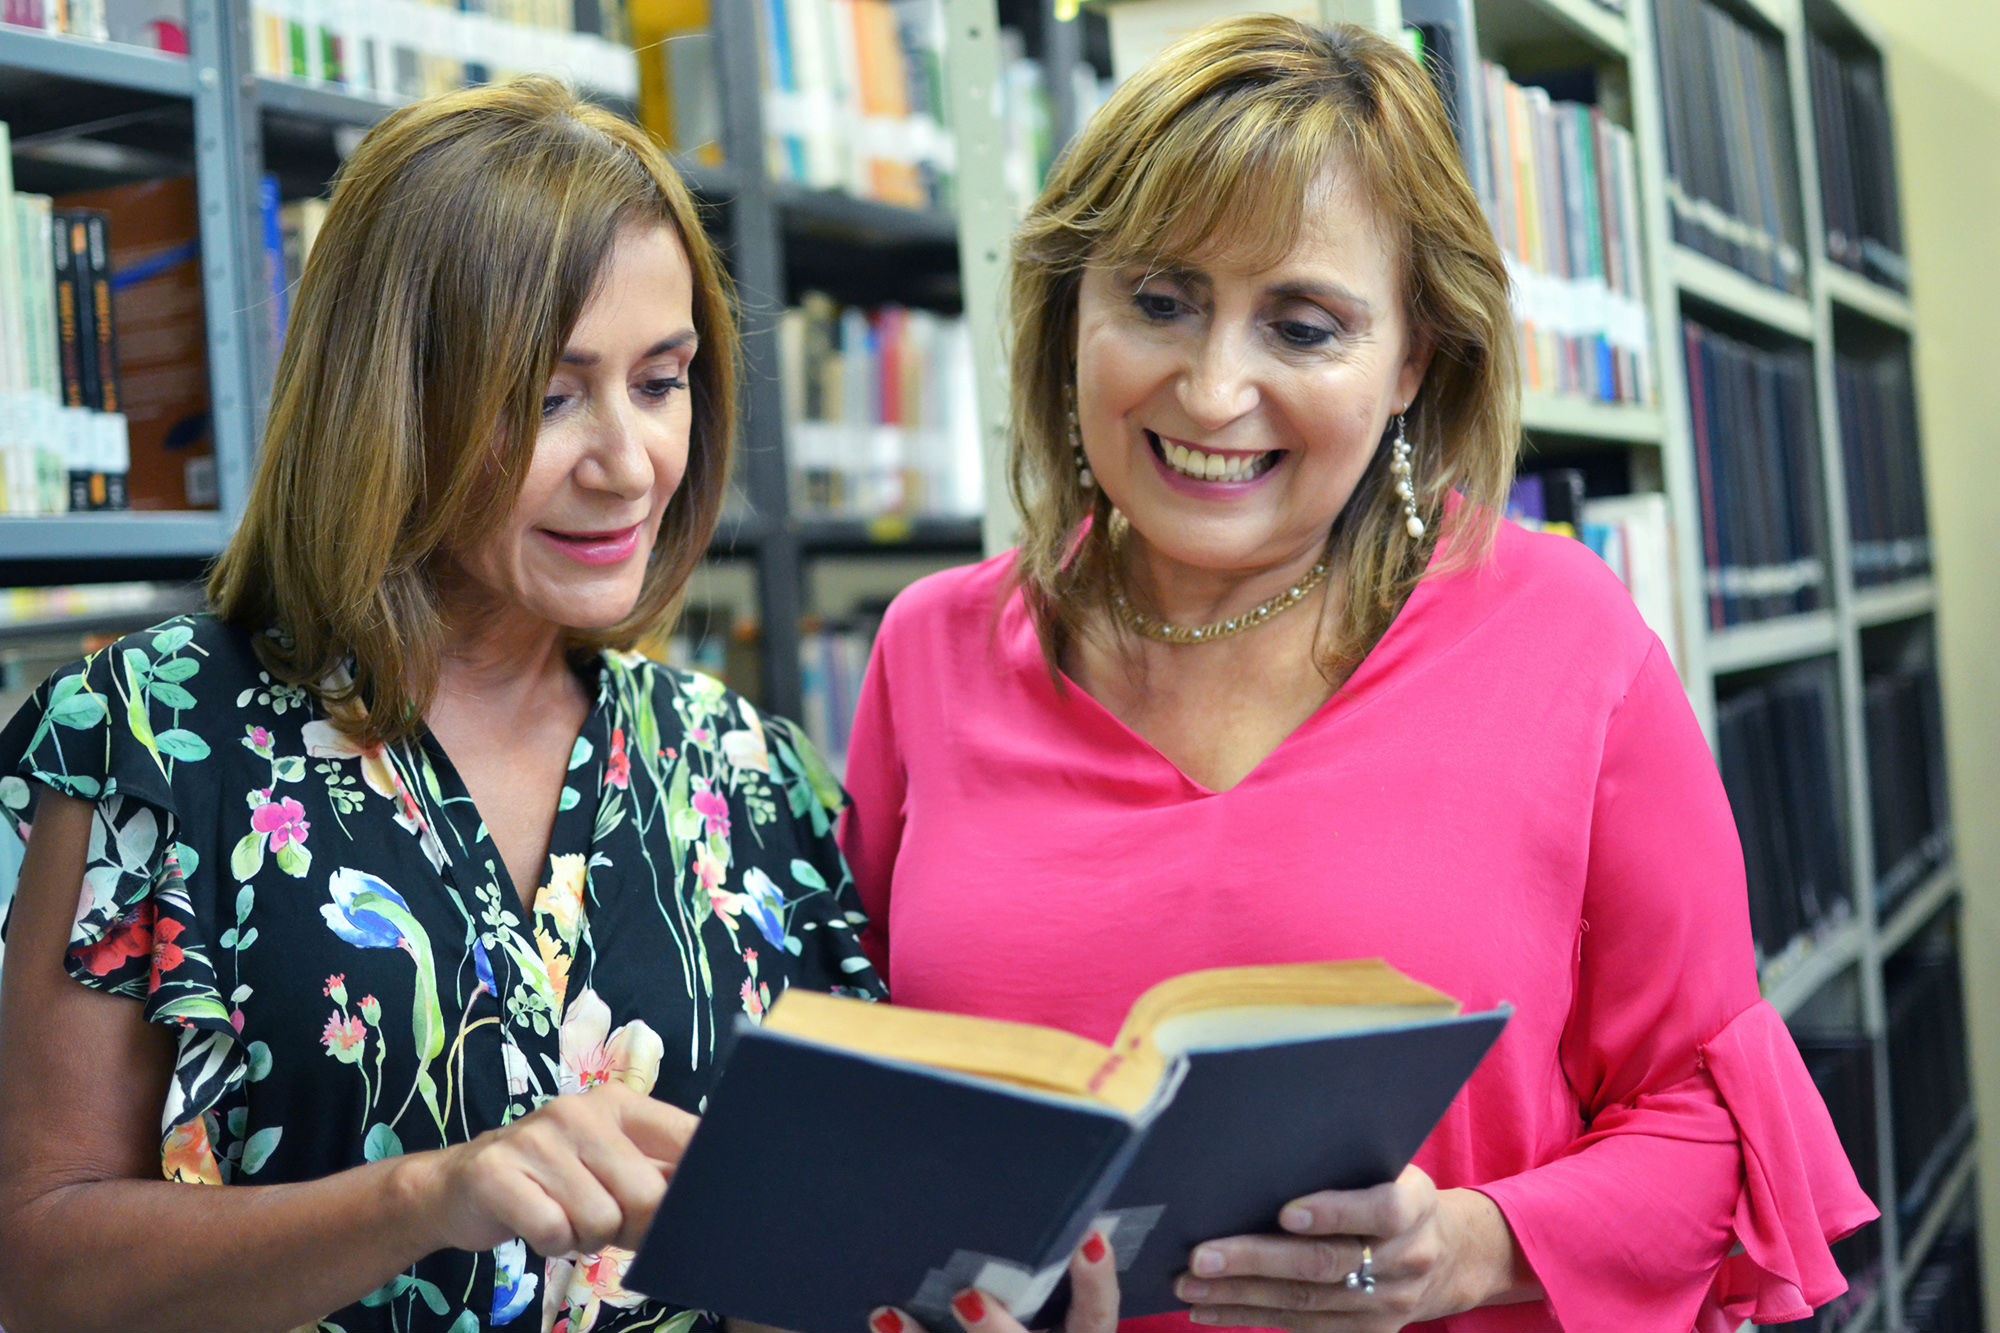 Las mujeres en edad adulta pueden continuar con su preparación profesional